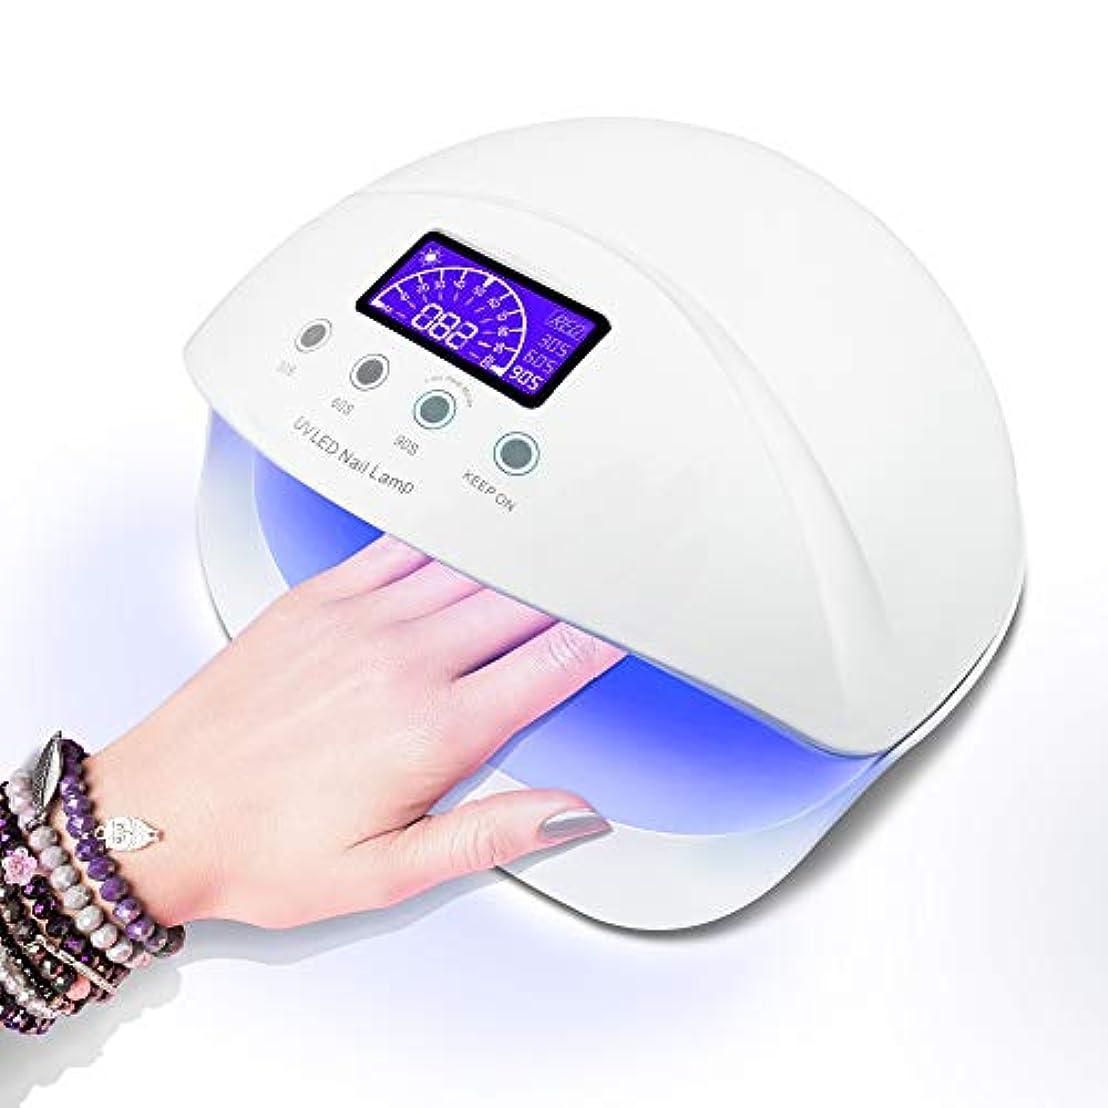 コウモリリーズパステルLED ネイルドライヤー UVネイルライト 50W ハイパワー ジェルネイルライト 肌をケア センサータイマー付き UVライト 速乾UV ネイル ハンドフット両用  ネイル led ライト [日本語取扱説明書付き]